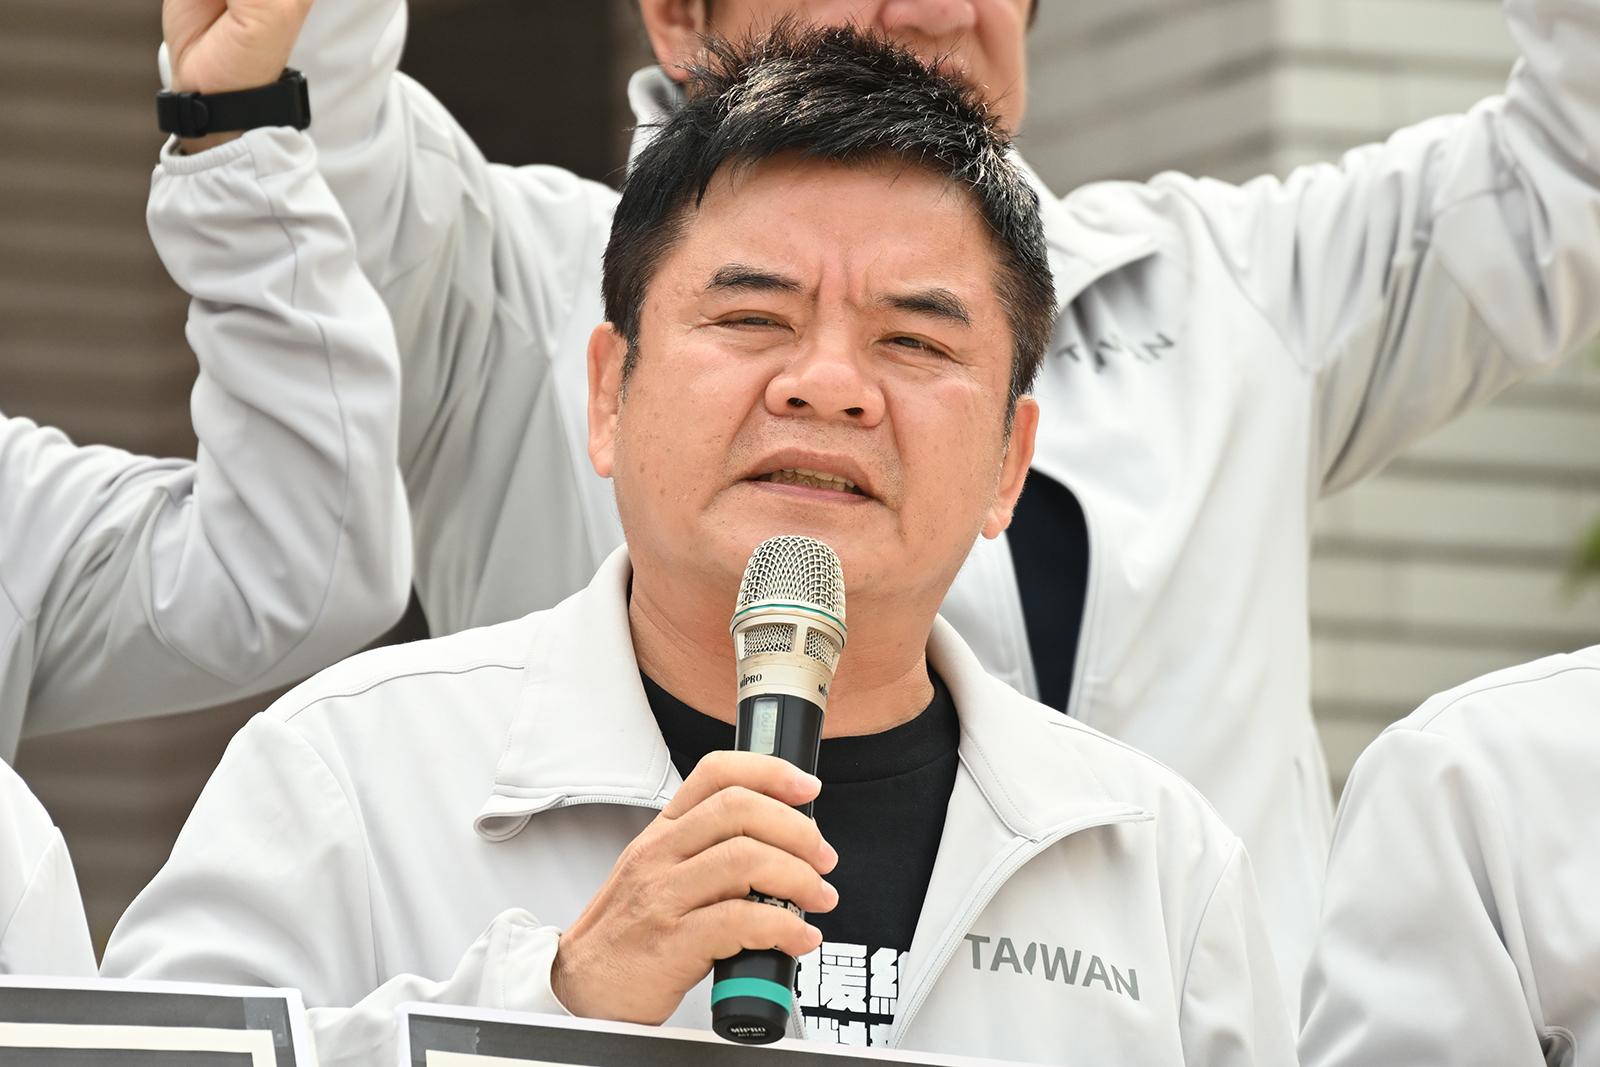 2021年3月29日,民進黨立委莊瑞雄:和守護人權、拒絕獨裁、愛護民主的廠商和朋友們站在一起。(鍾廣政 攝)